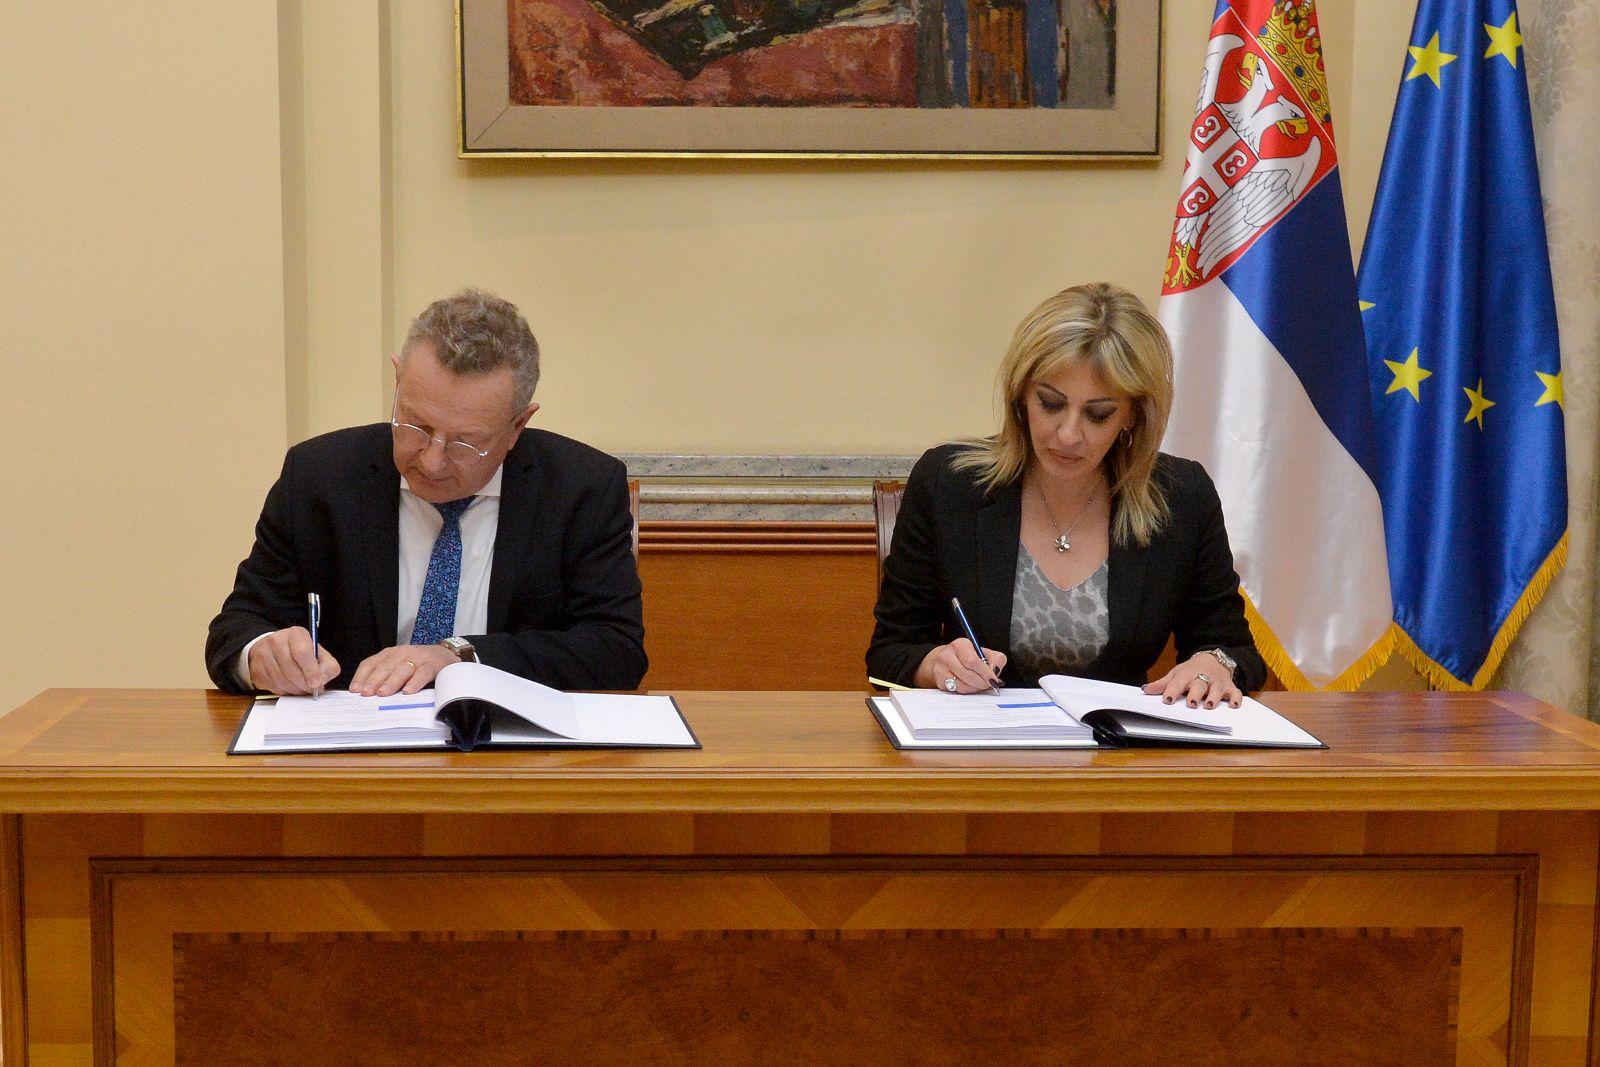 Ј. Јоксимовић: Потписан споразум којим ће се збринути још 900 избегличких породица у Србији